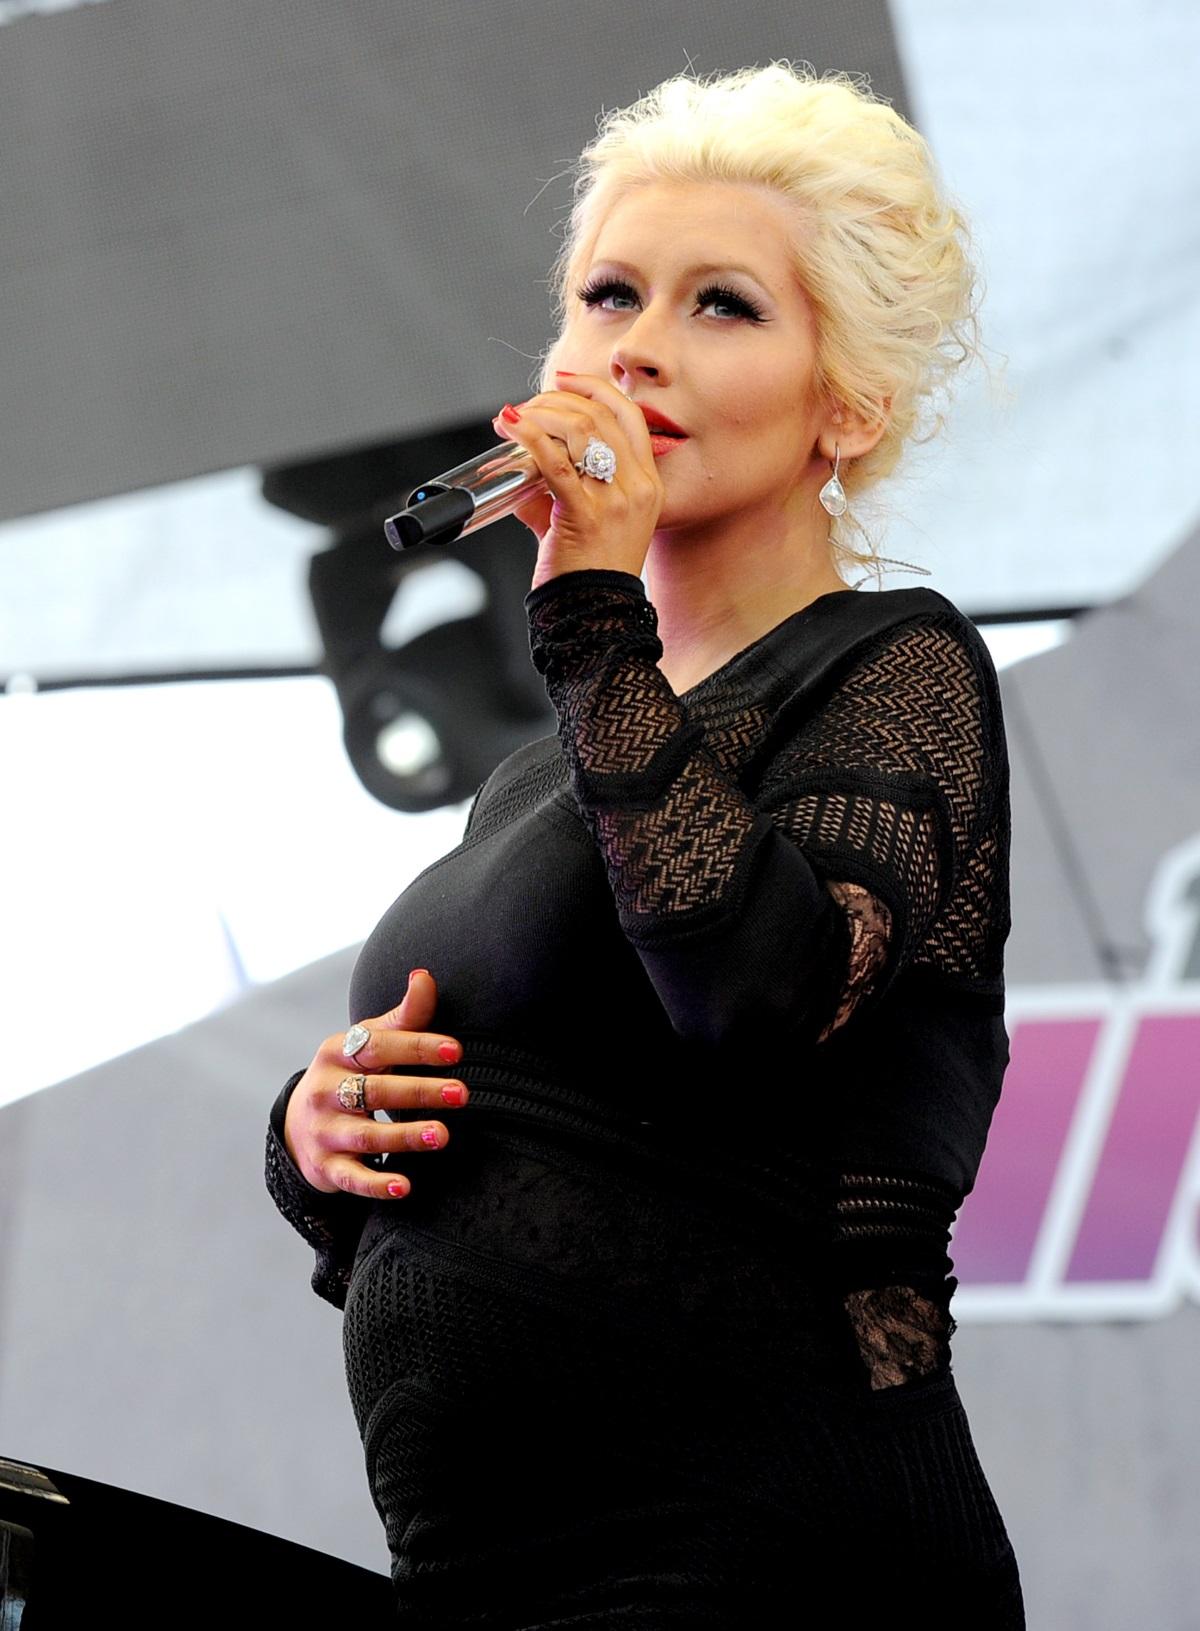 Кристина Агилера, 2014 г. - Въпреки порасналото коремче, певицата продължаваше да пее по участия. През 2014 г. тя показа коремчето си в черна, прилепнала по тялото ѝ рокля.